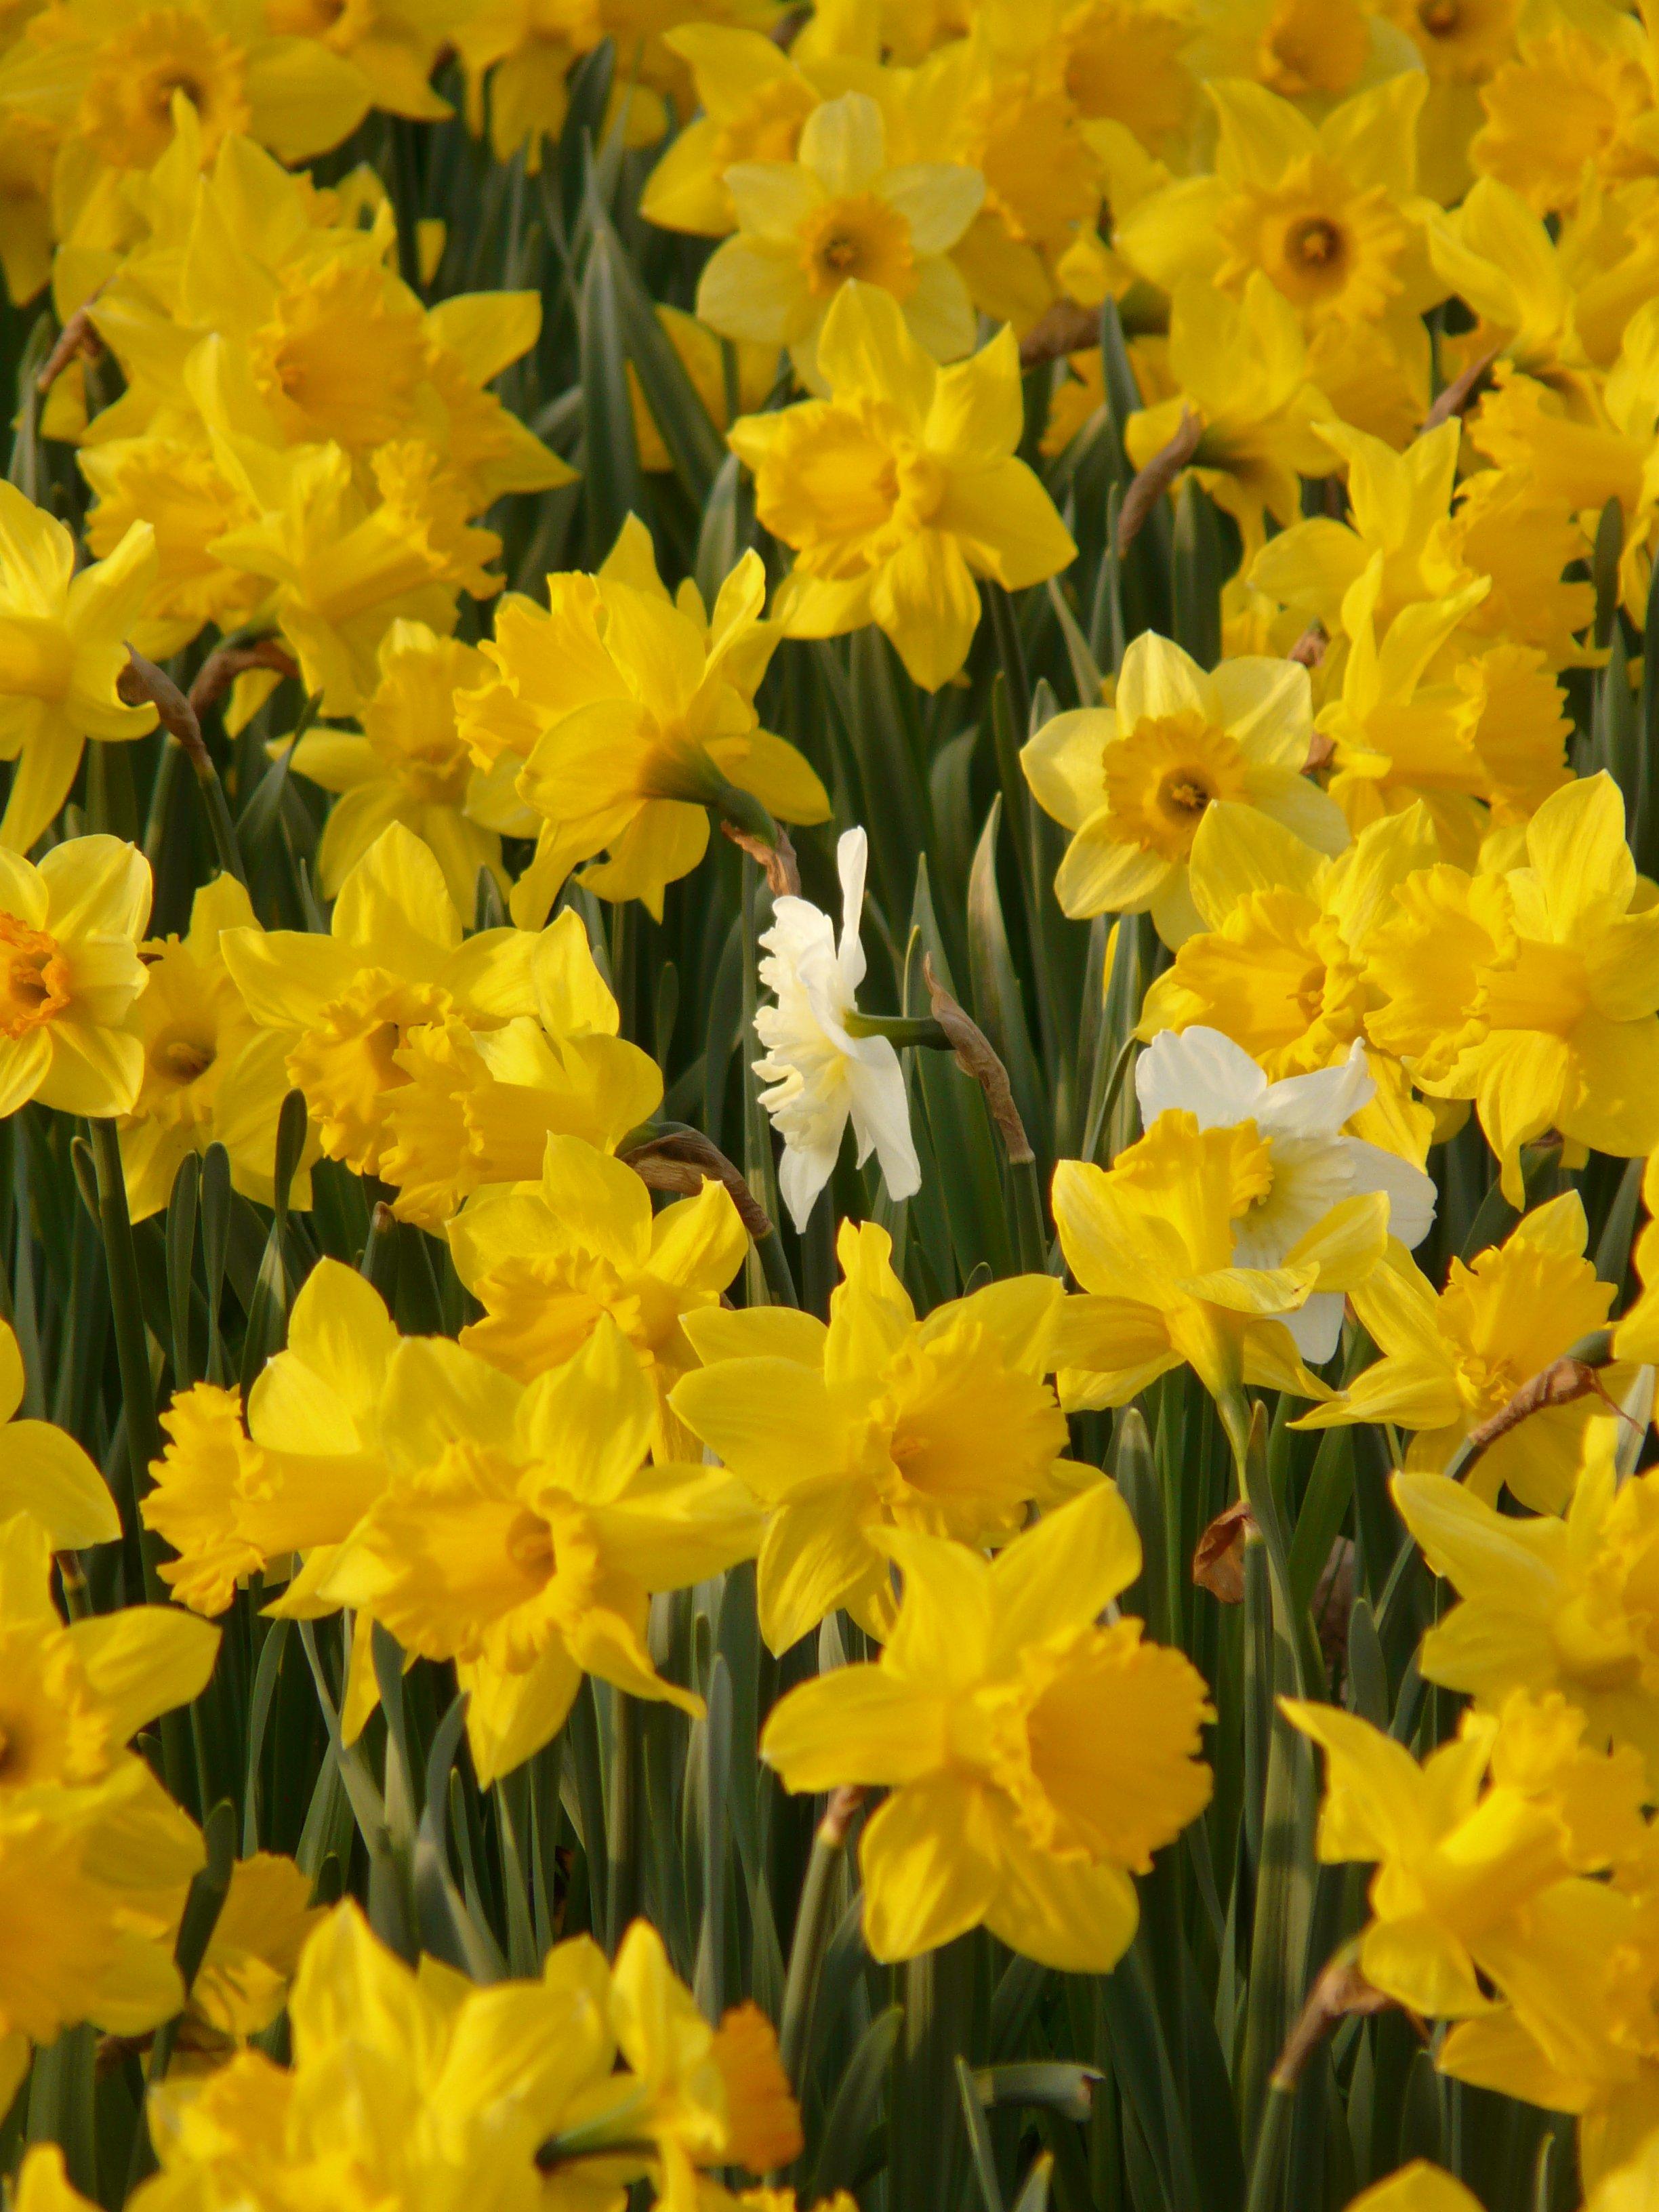 Fotos Gratis Flor Primavera Amarillo Flores Narcisos Narciso - Narcisos-amarillos